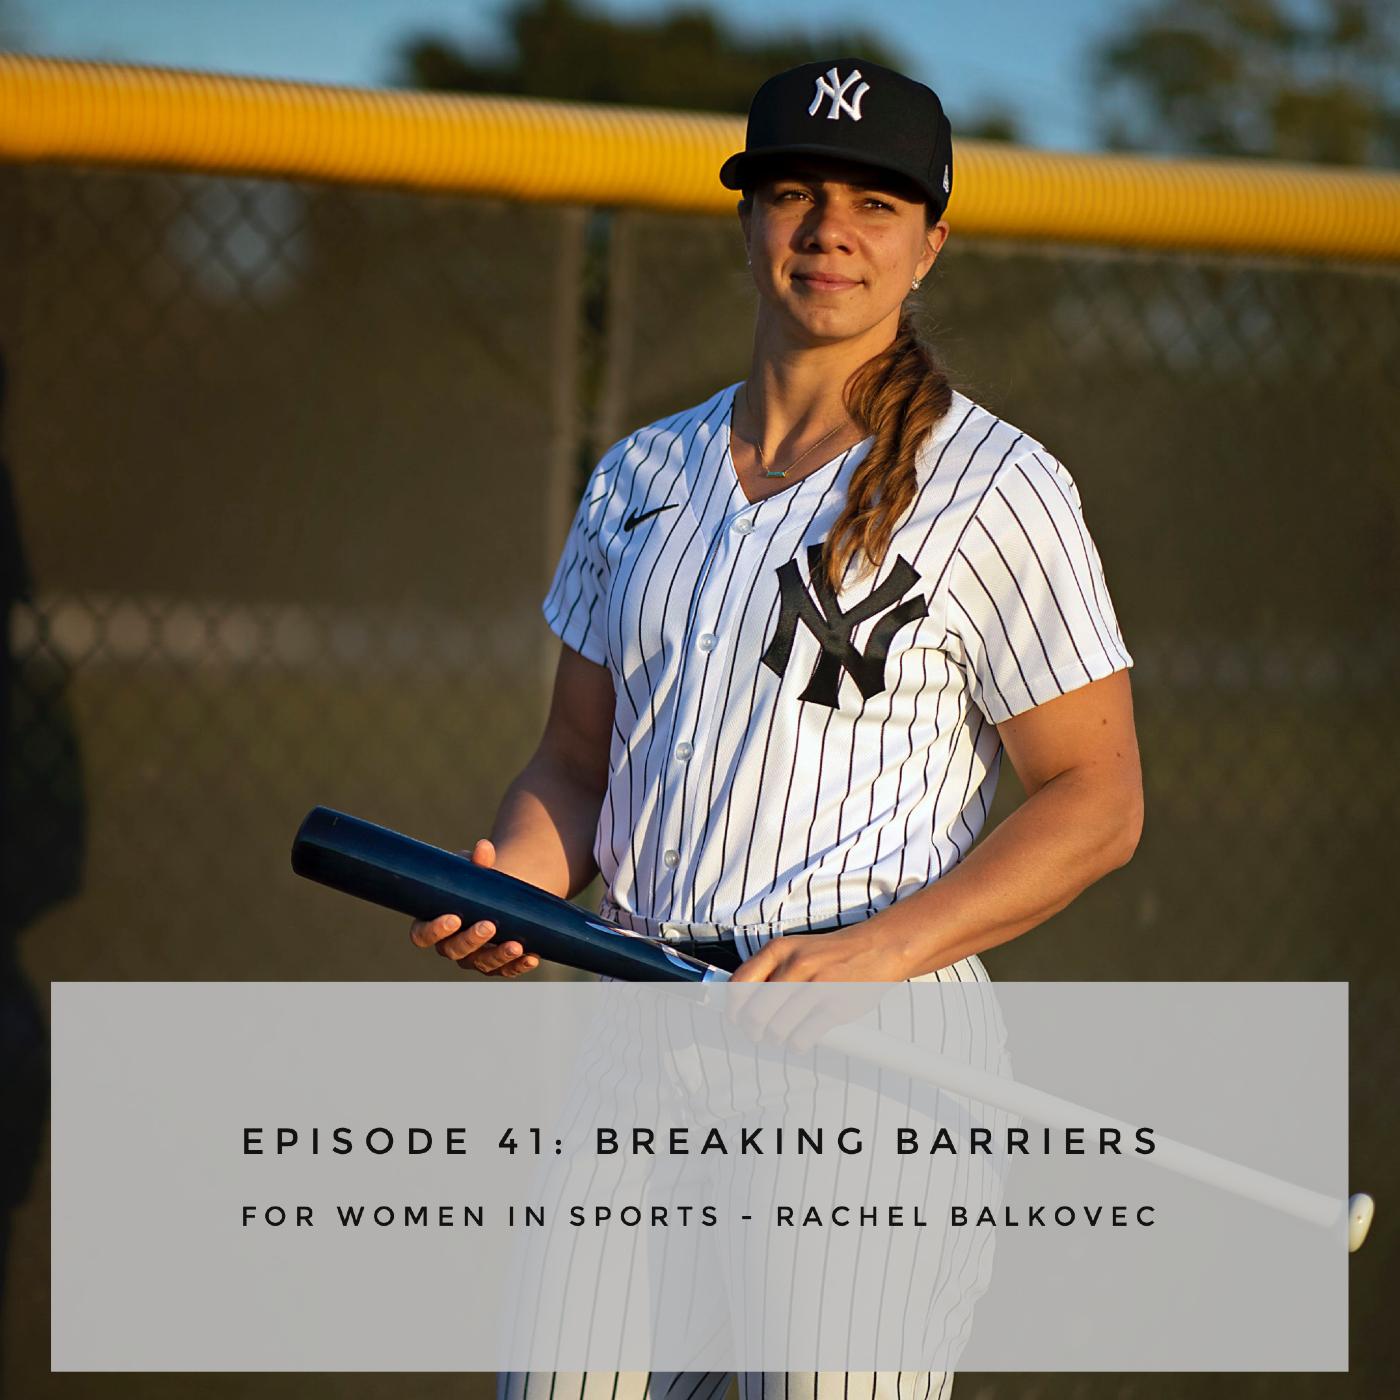 Episode 41: Breaking Barriers for Women in Sport - Rachel Balkovec